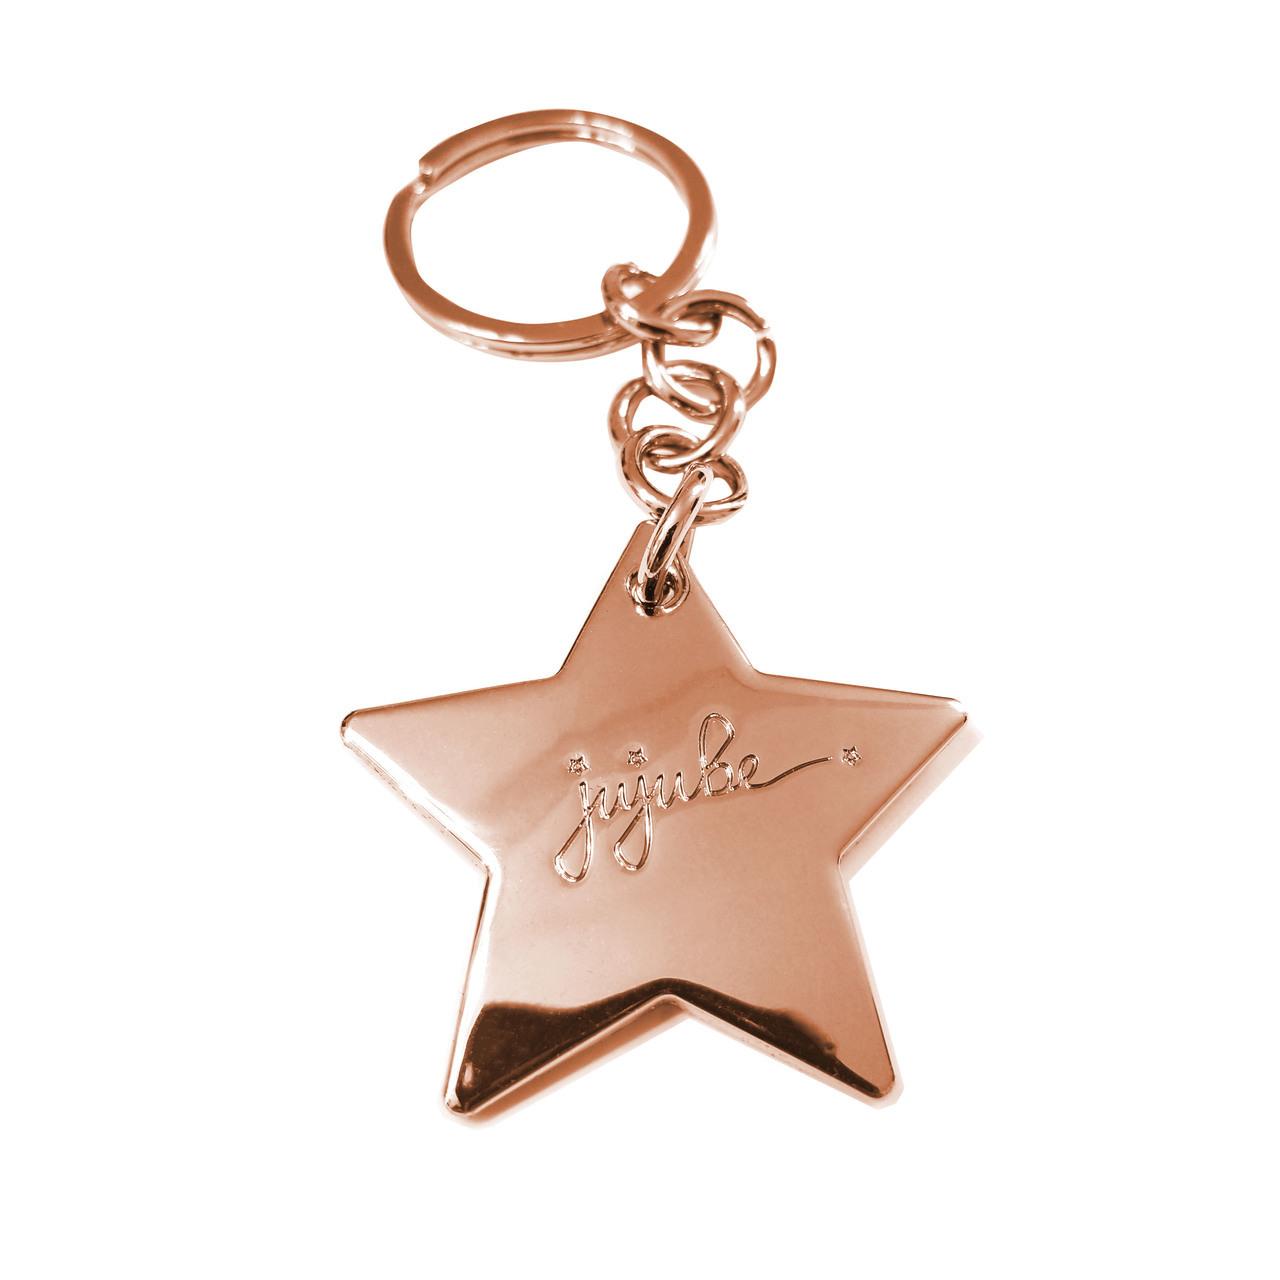 ju-ju-be-rose-gold-keychain